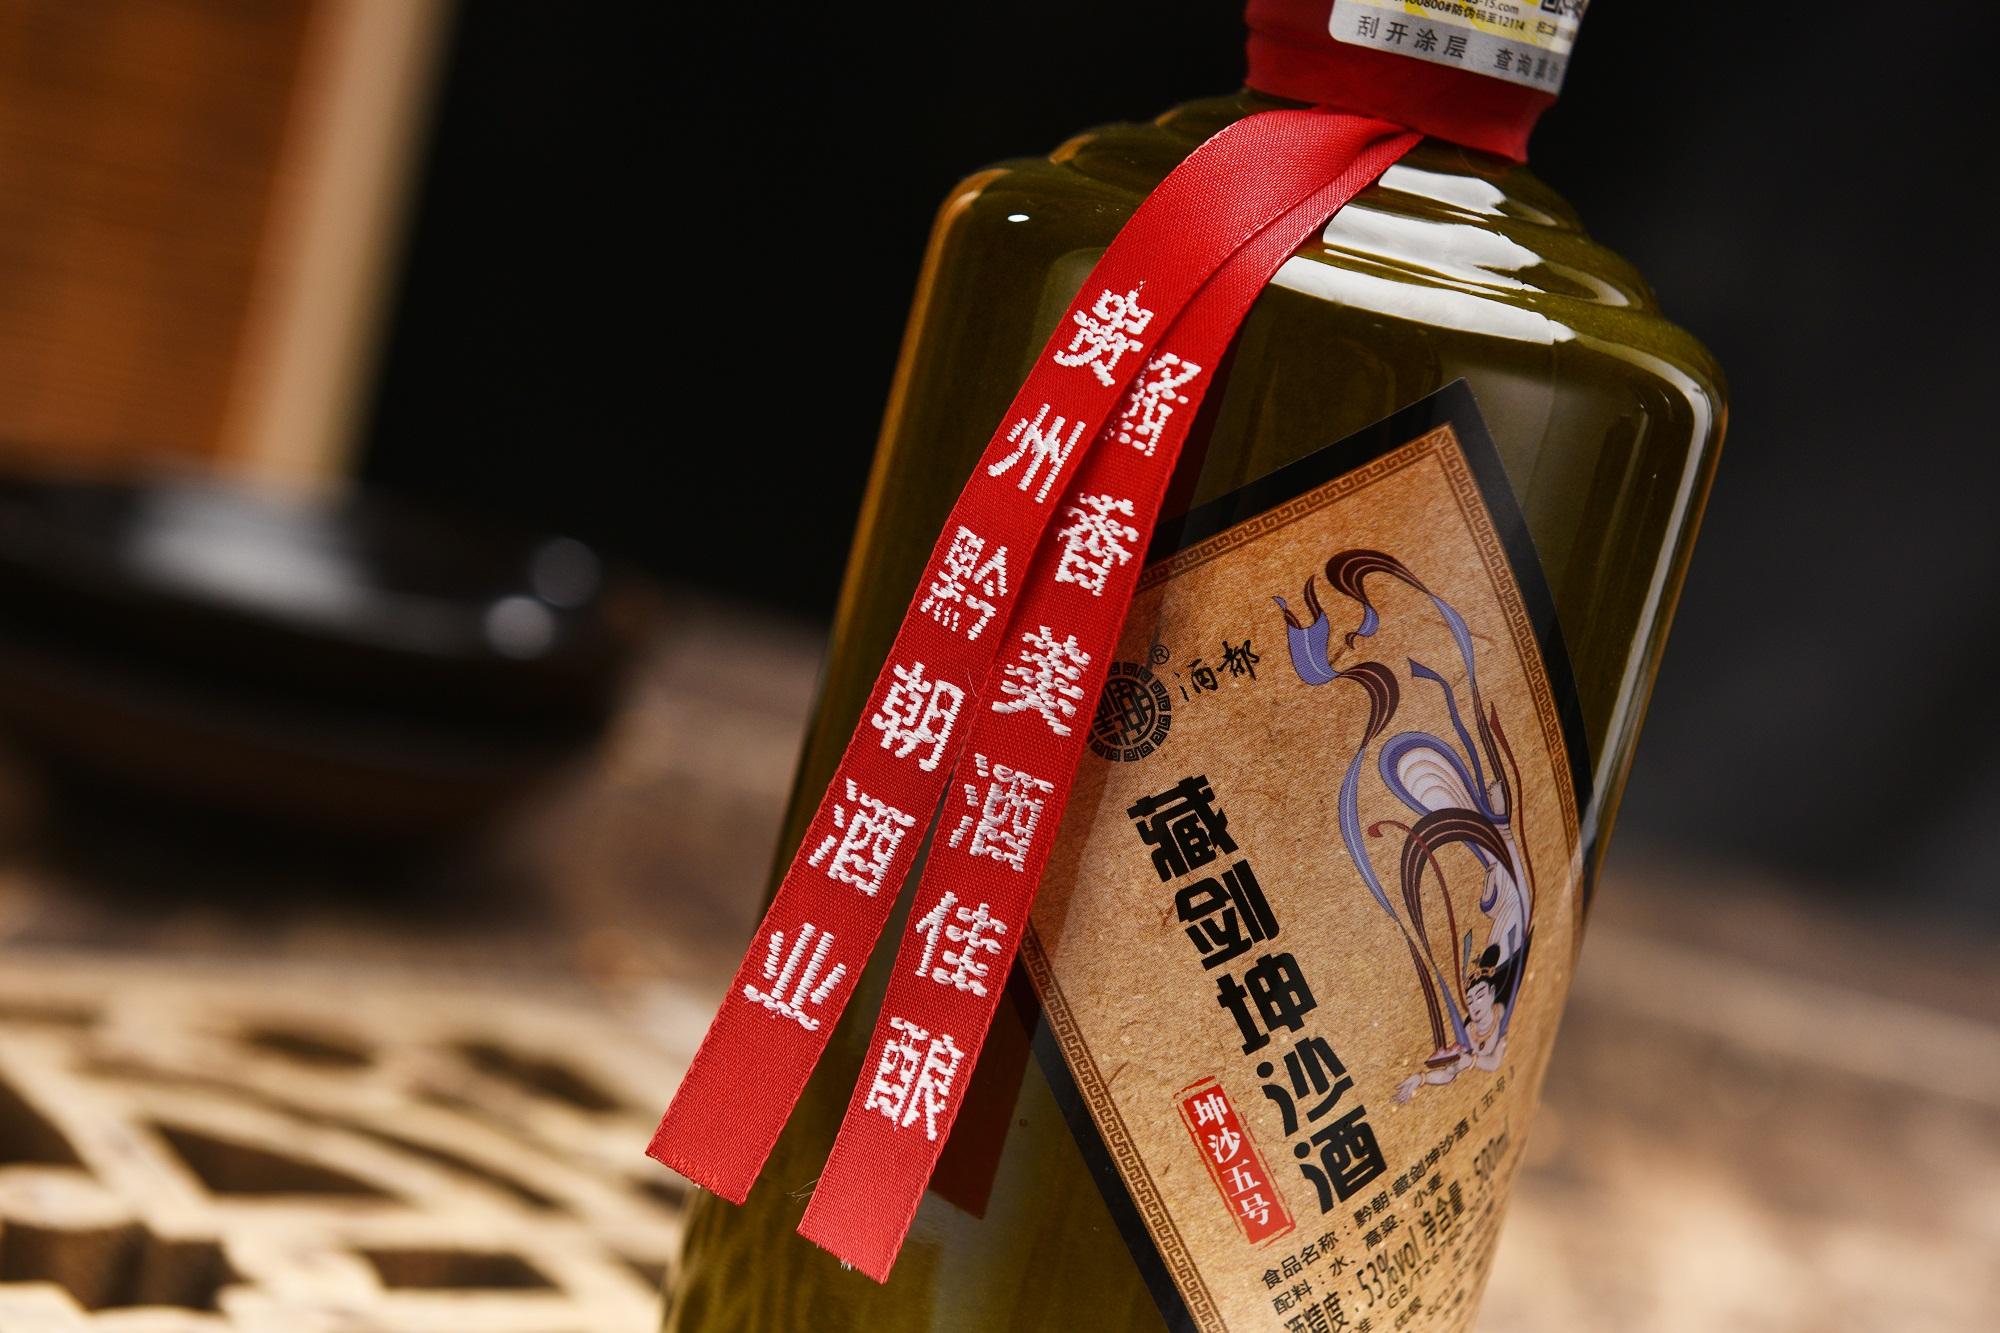 酱香酒招商加盟代理_产自茅台镇自有酒厂